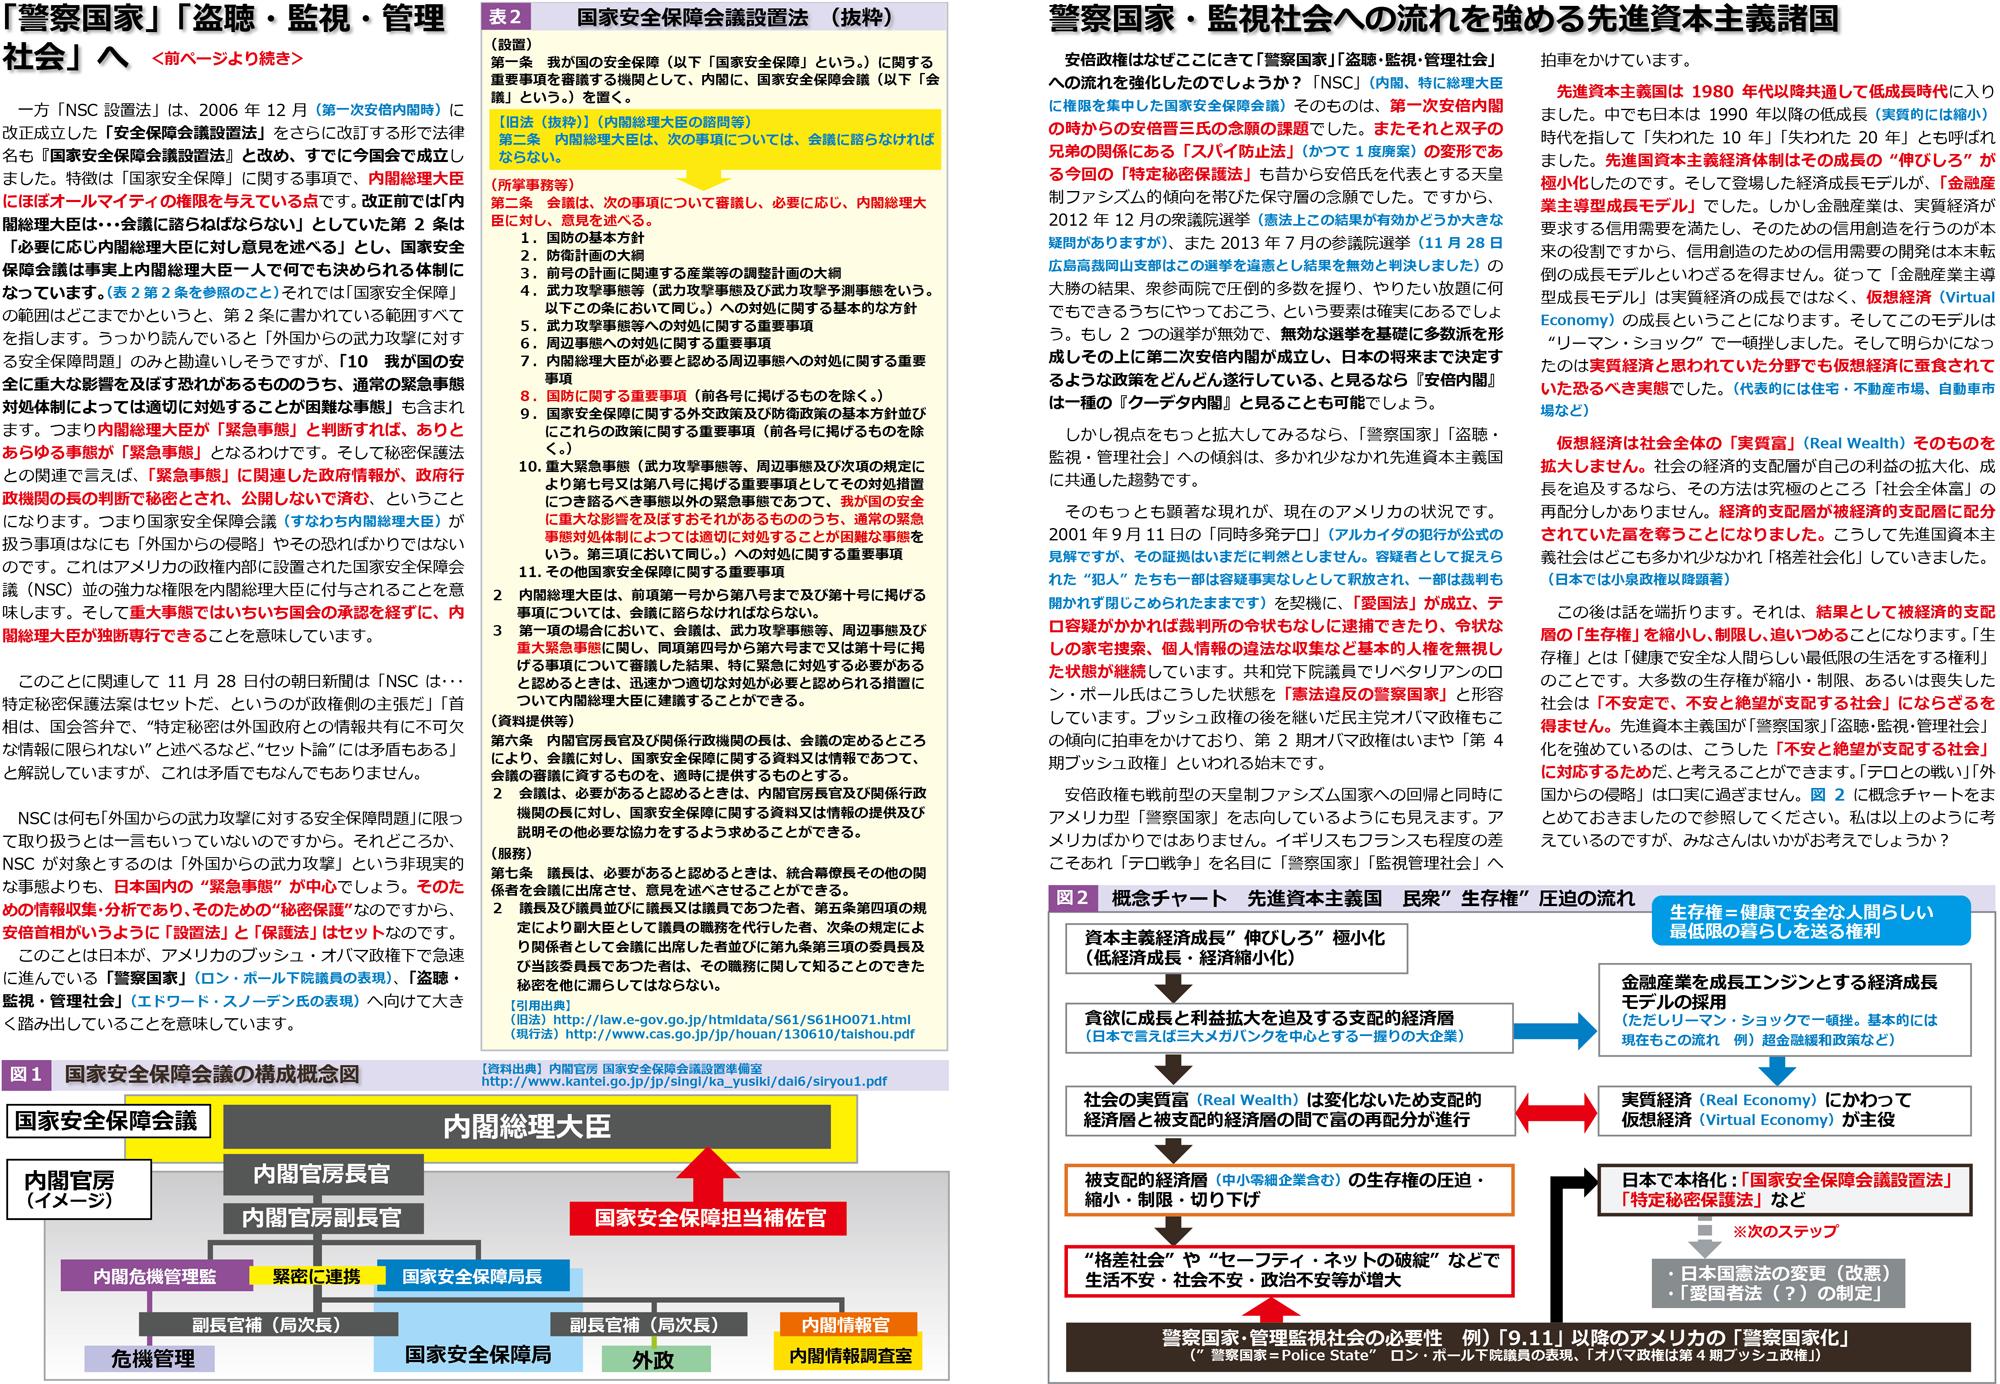 ファイル 231-2.jpg